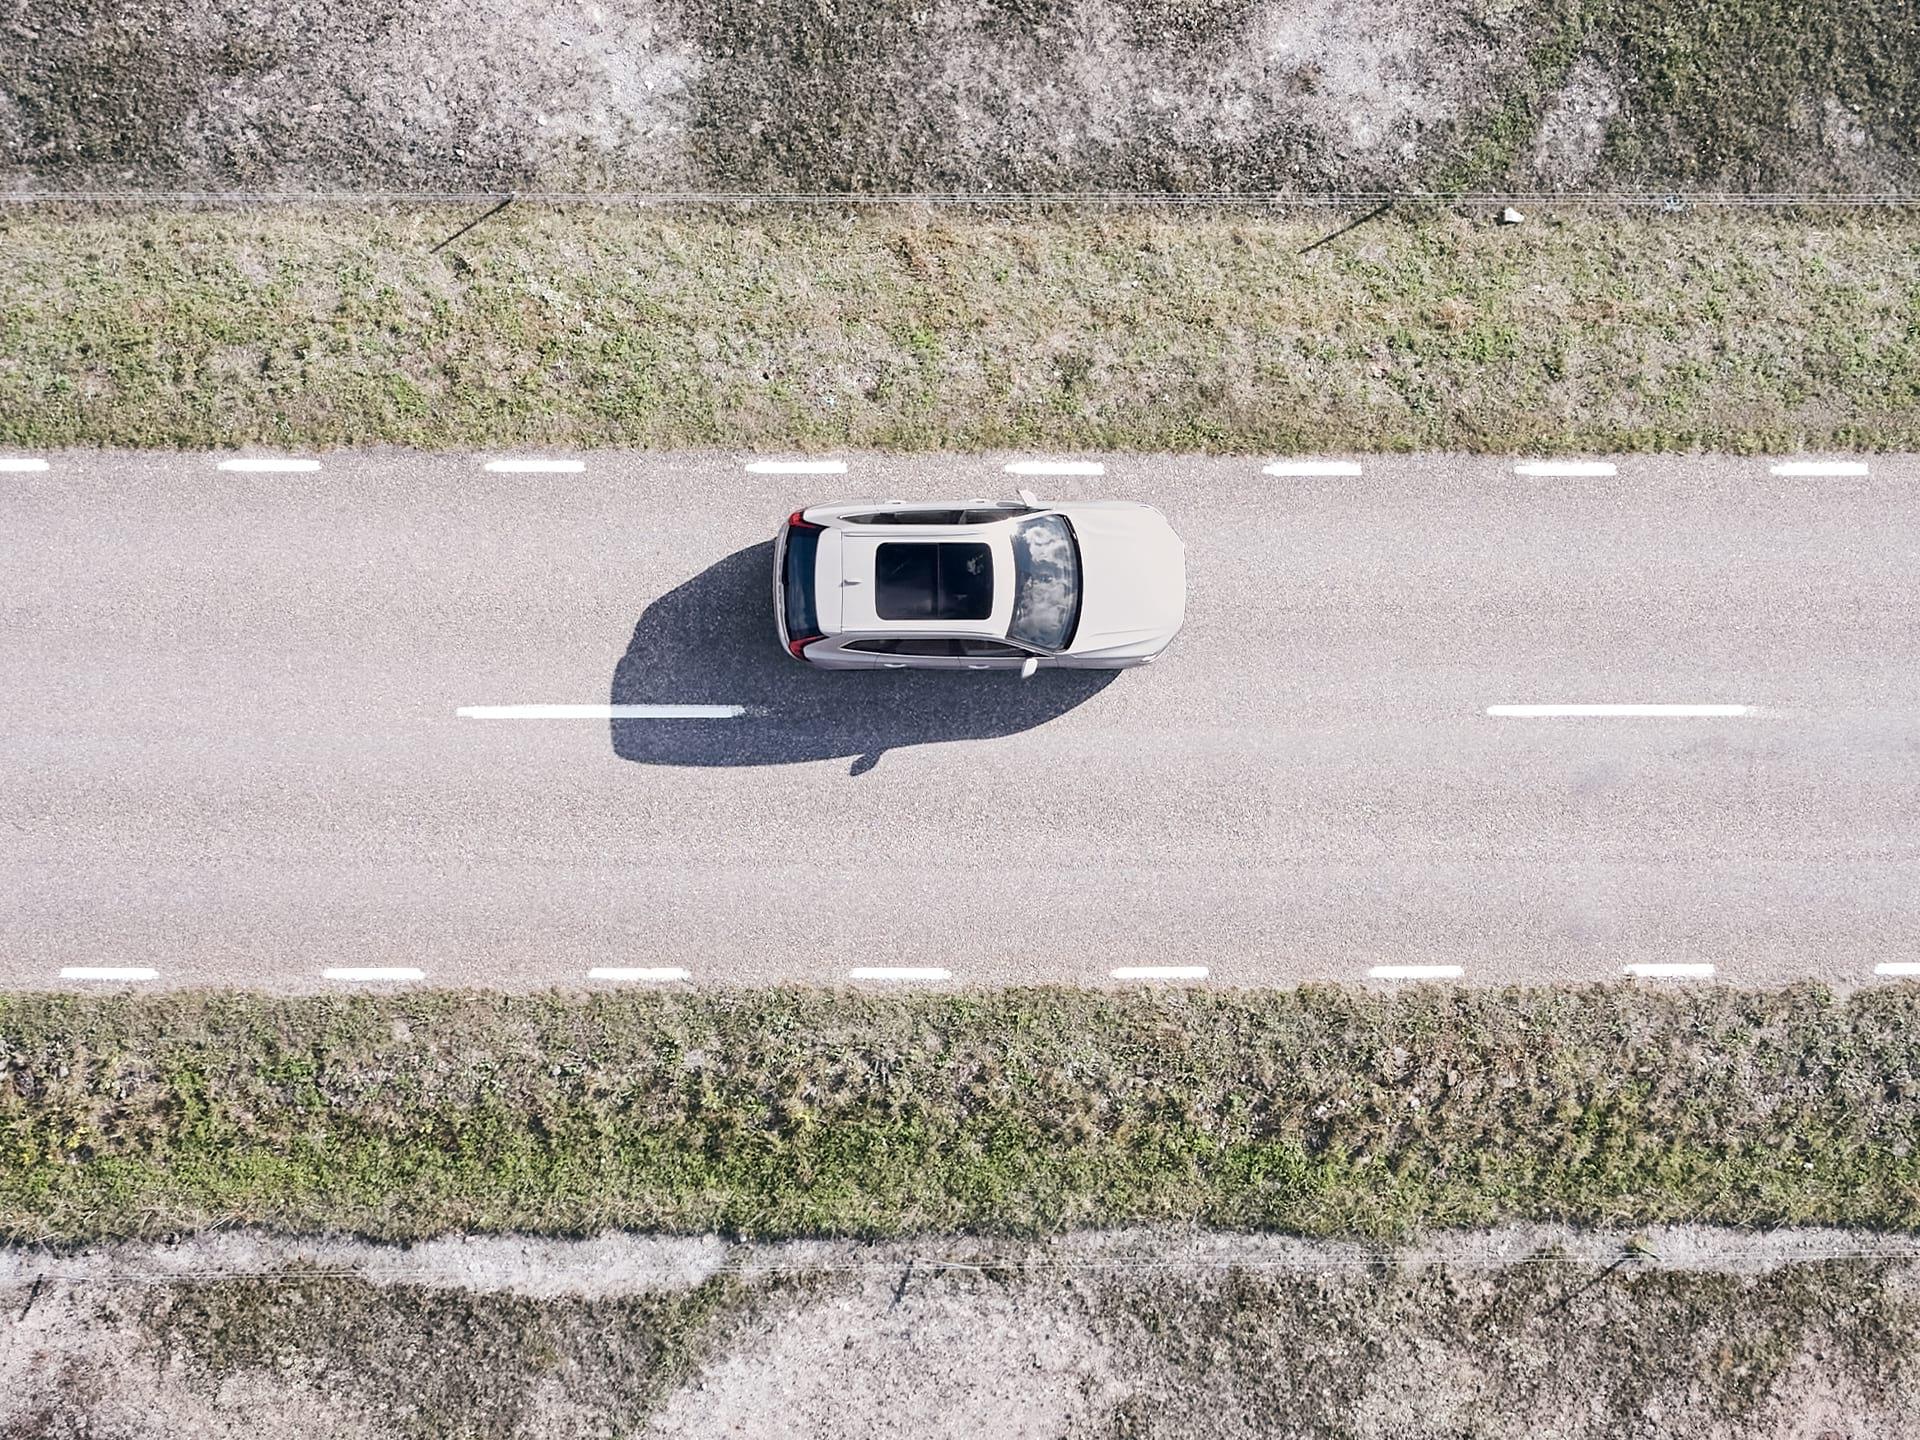 فولفو XC60 مع تكنولوجيا دعم السائق المتقدمة.